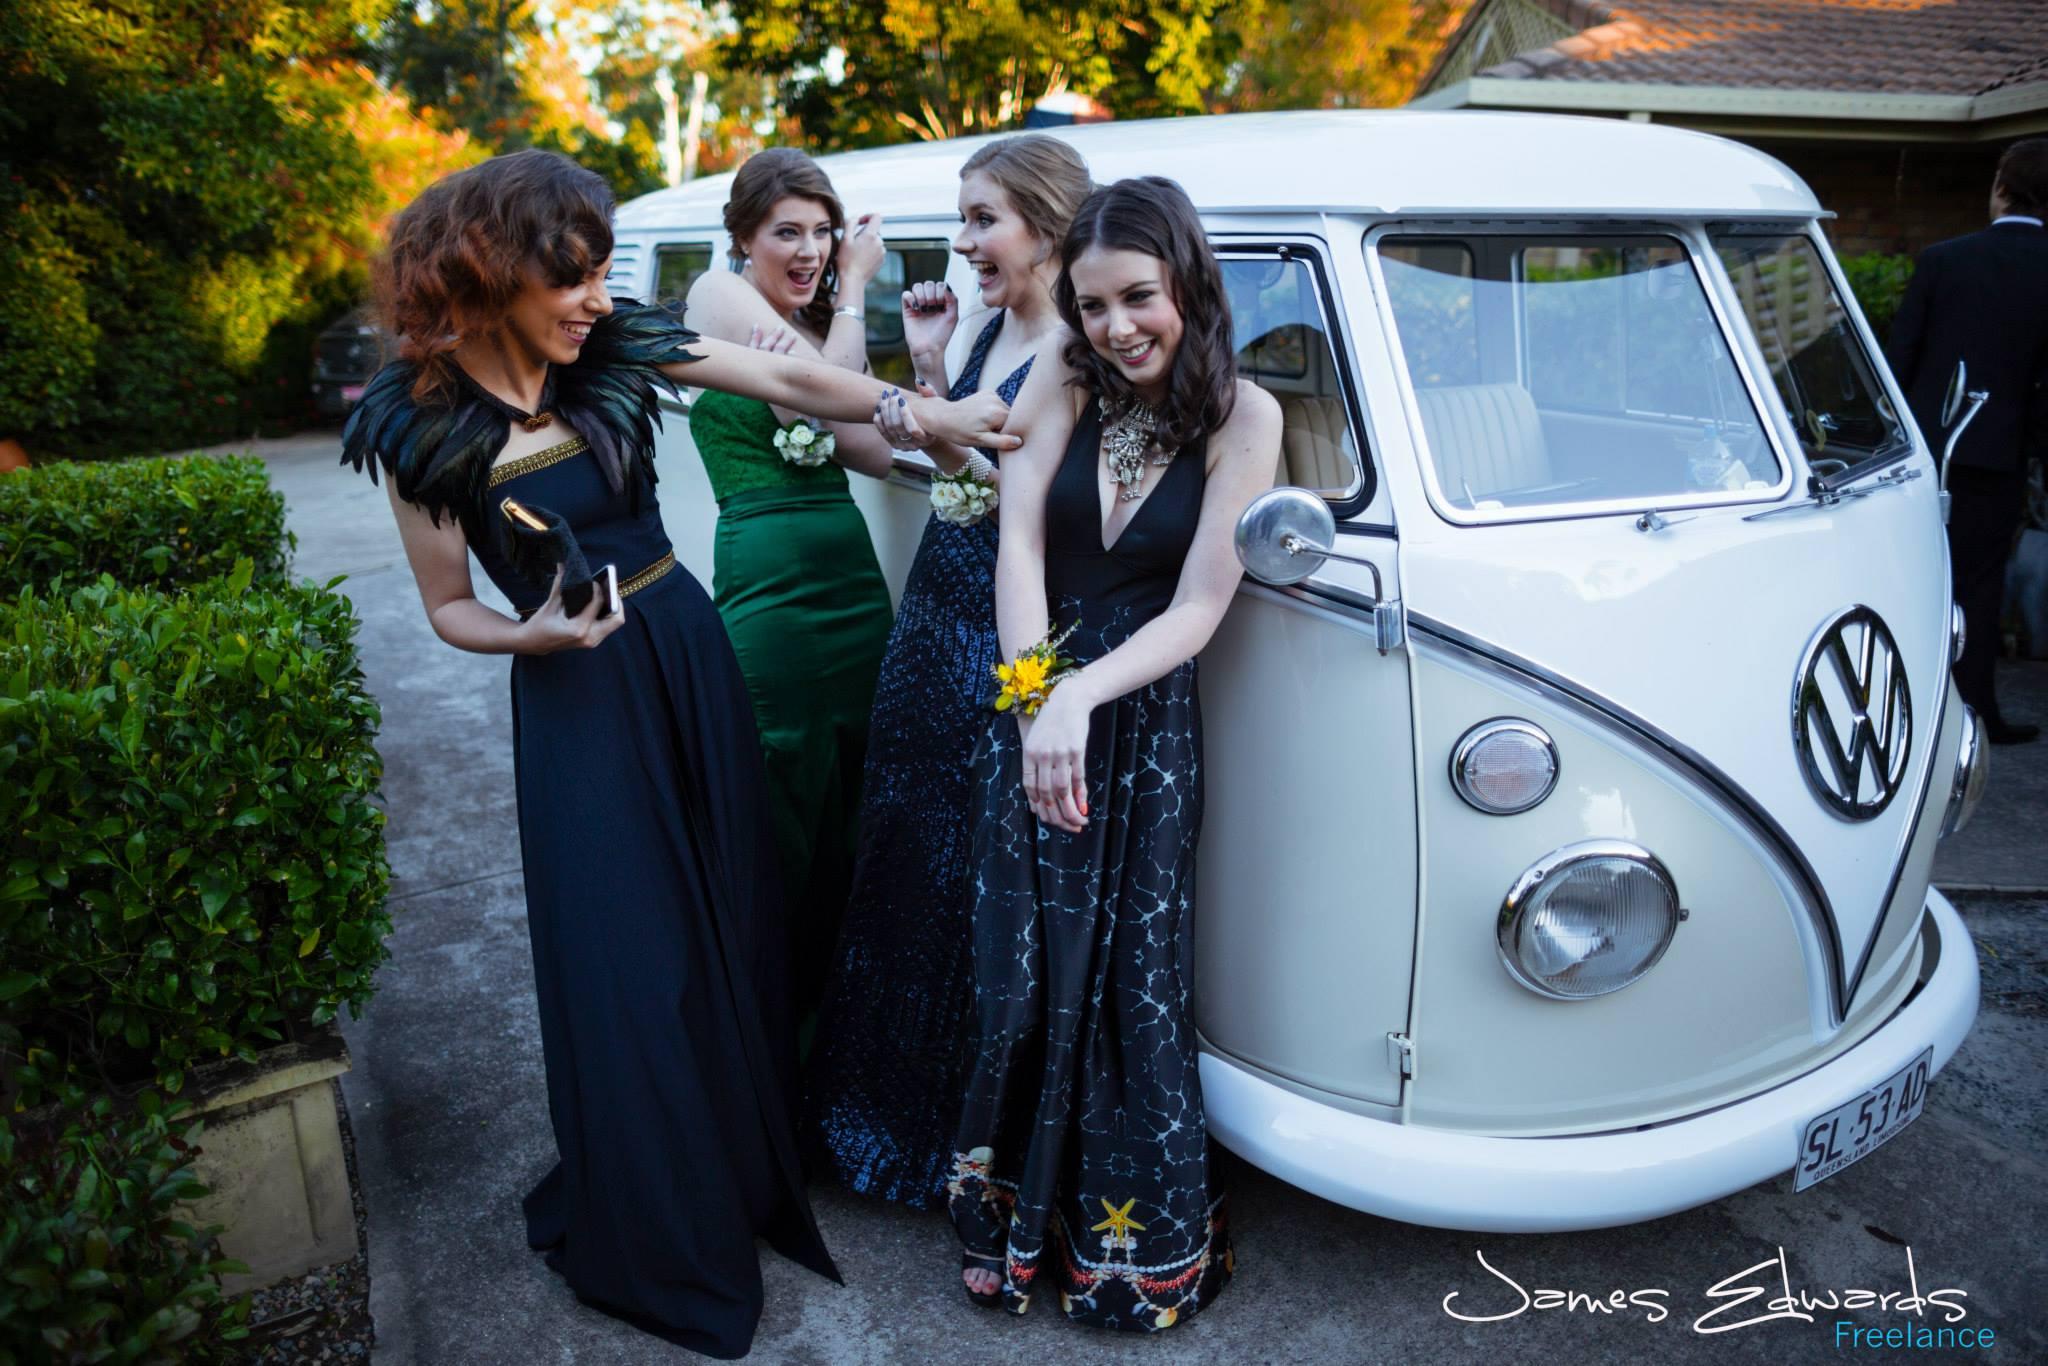 2015-08-14 formal-LeaAnne & Kirrily - lola (17).jpg